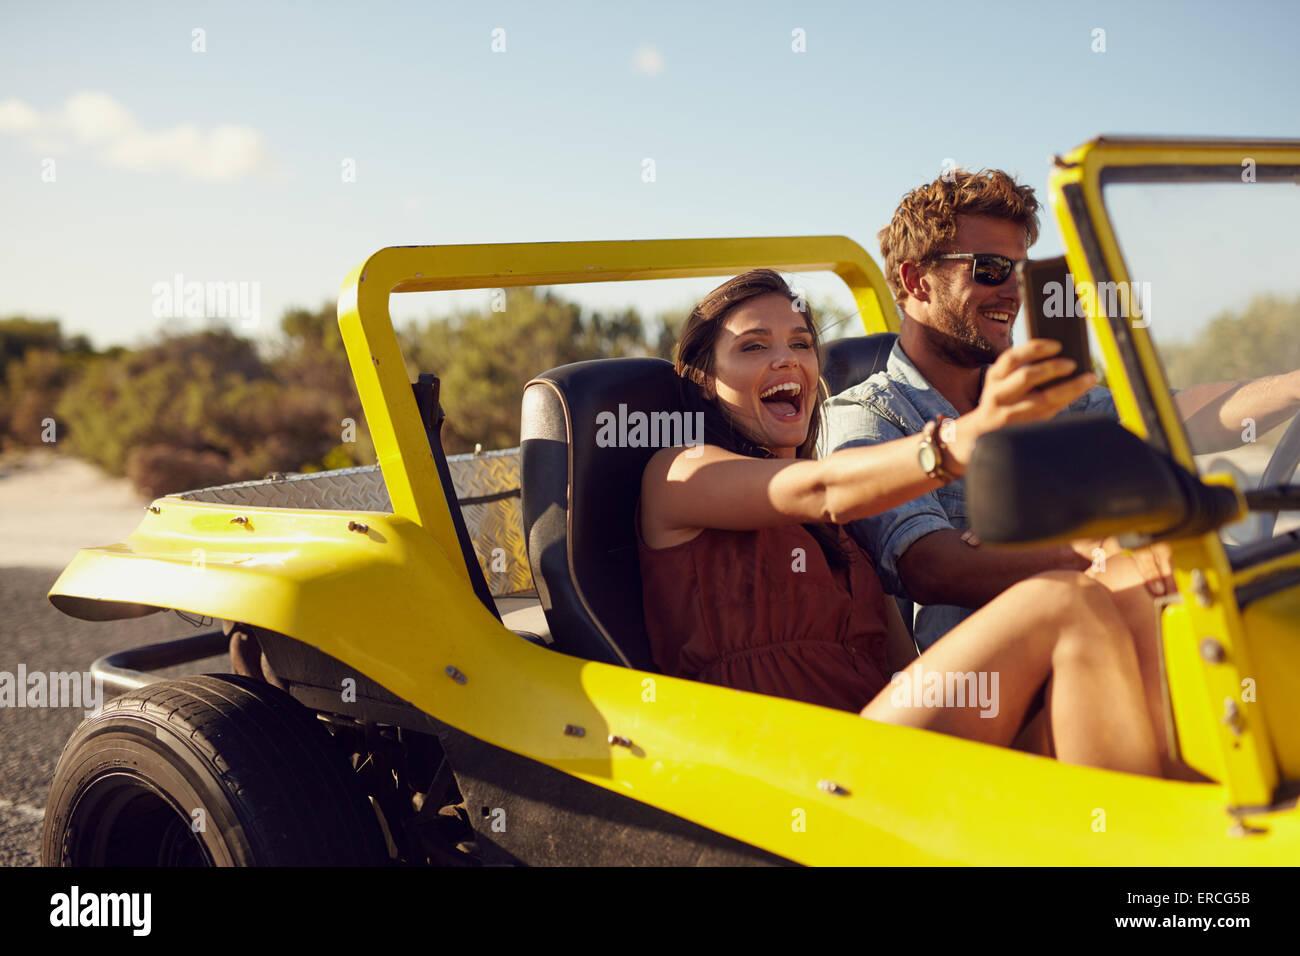 Heureux heureux couple enjoying road trip dans leur voiture. Homme conduisant la jeune femme en prenant une voiture Photo Stock